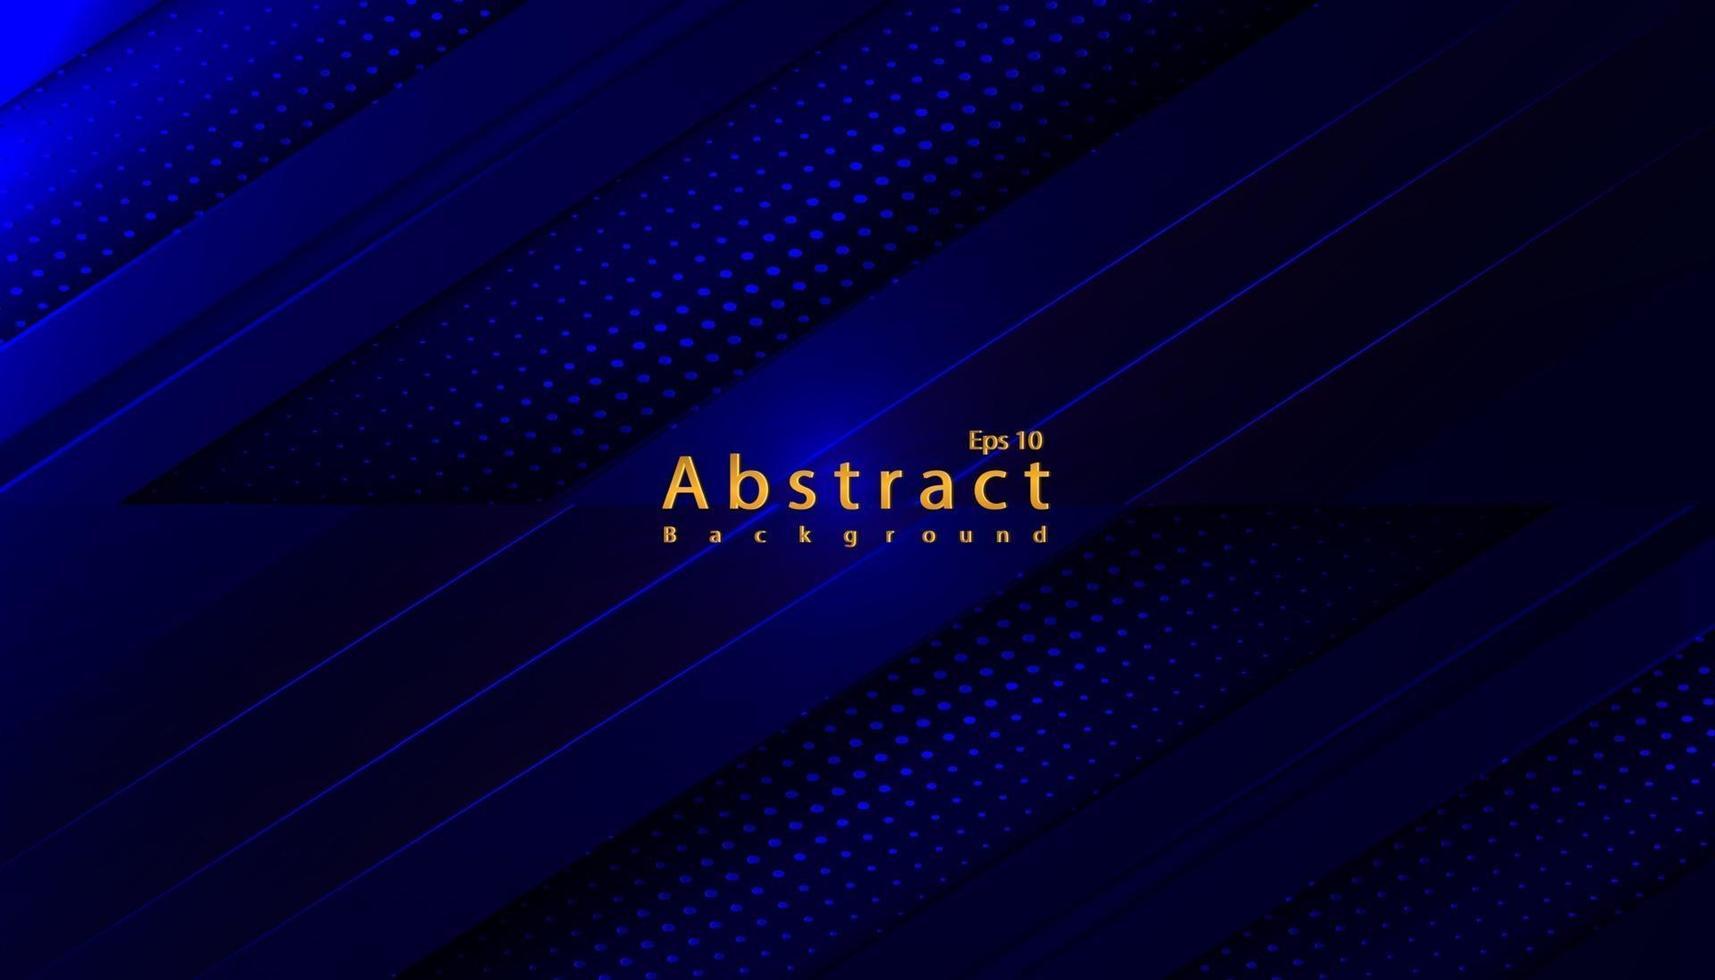 Luxus abstrakter blauer dunkler Hintergrund mit Papierschnittdekoration-Halbtonentwurf vektor